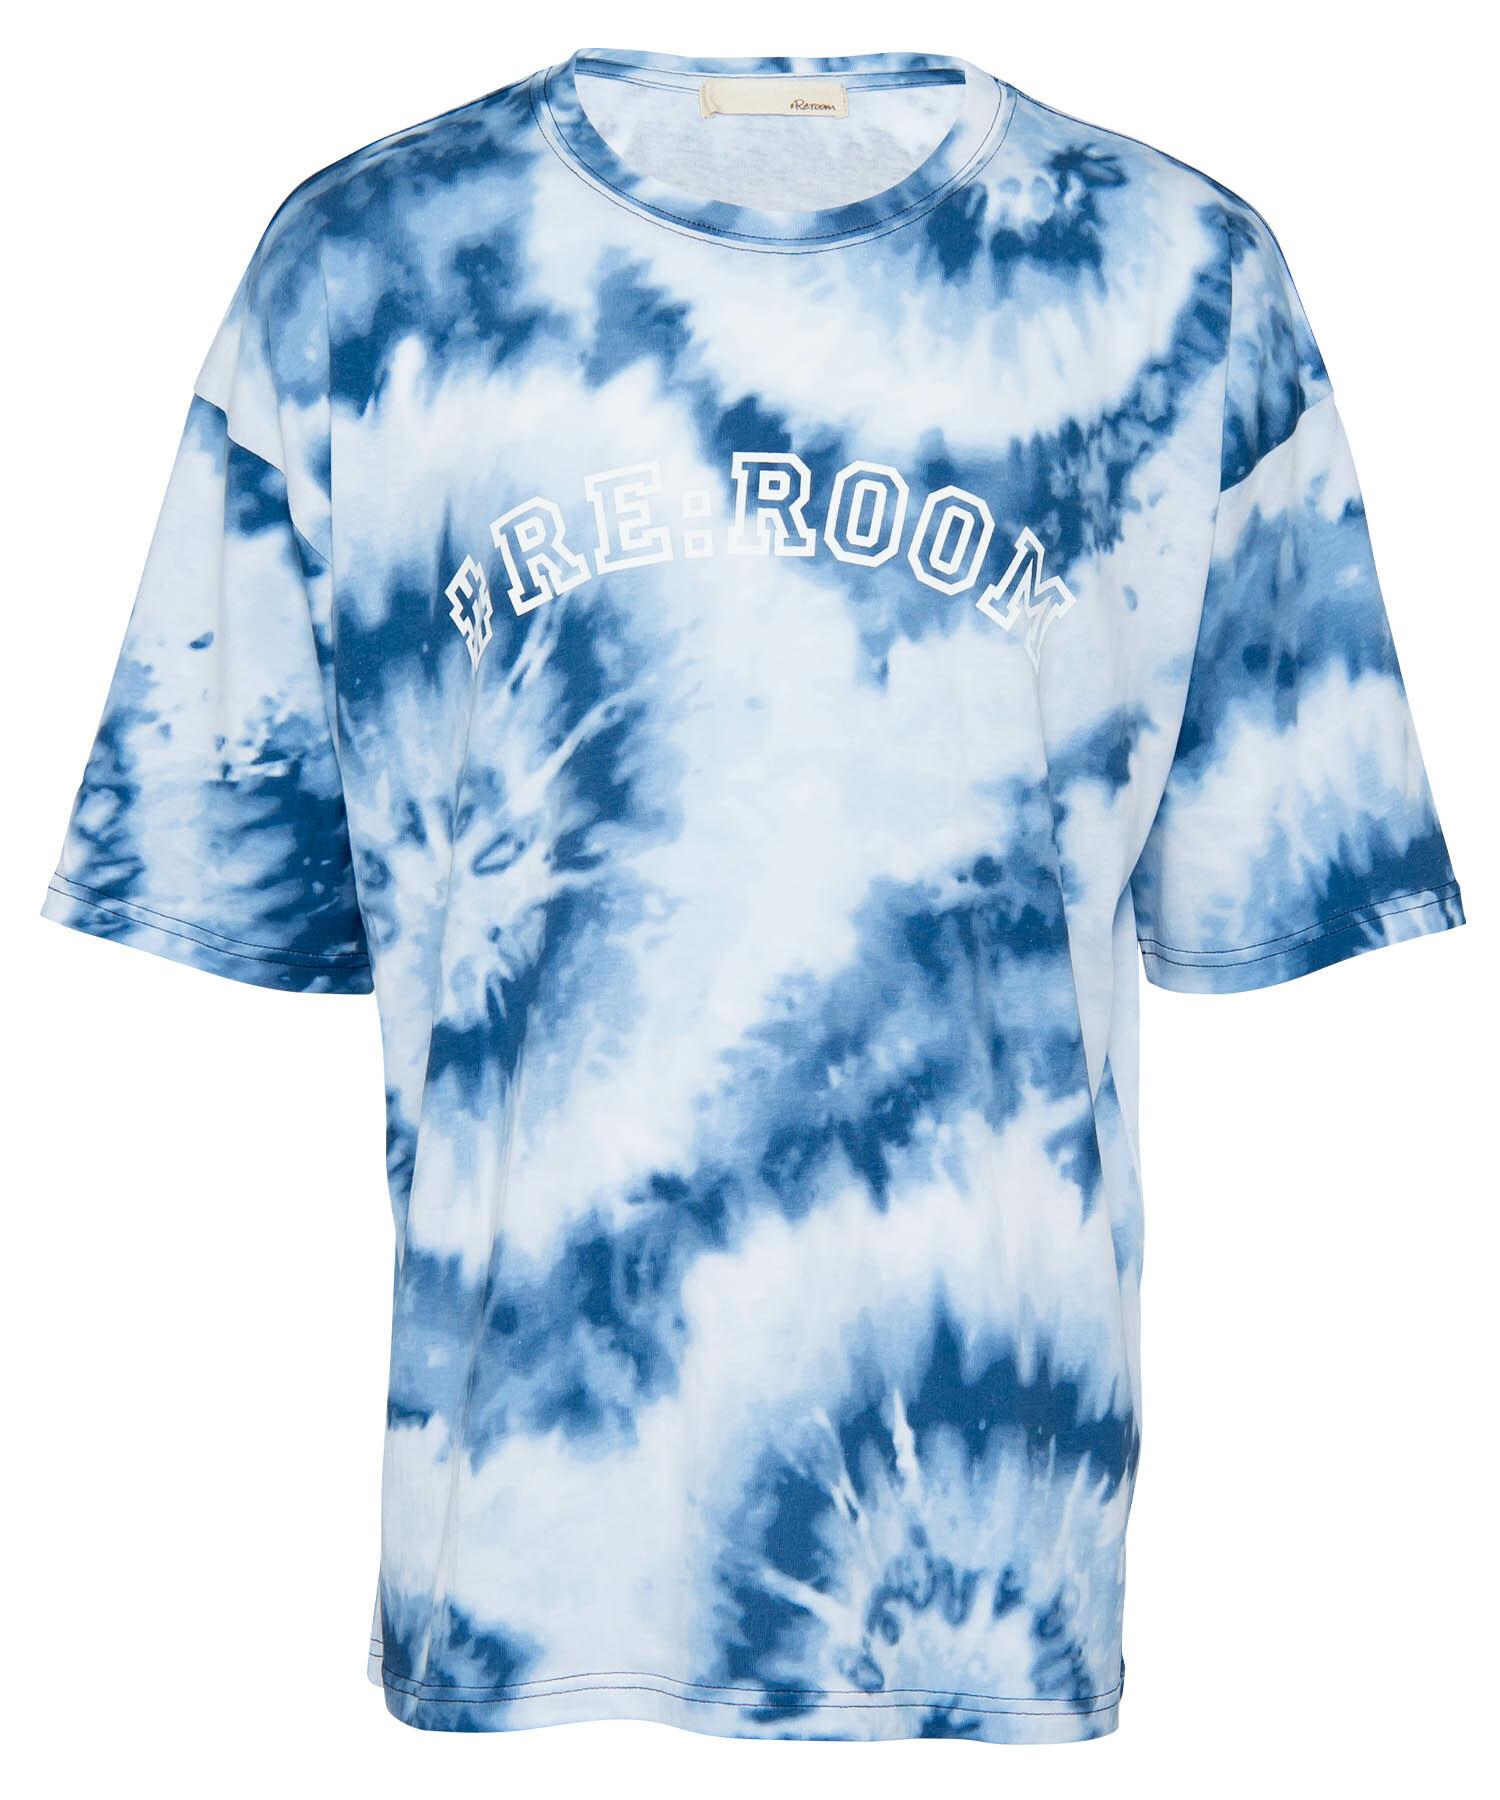 TIE DYE PATTERN LOGO PRINT T-shirt[REC306]